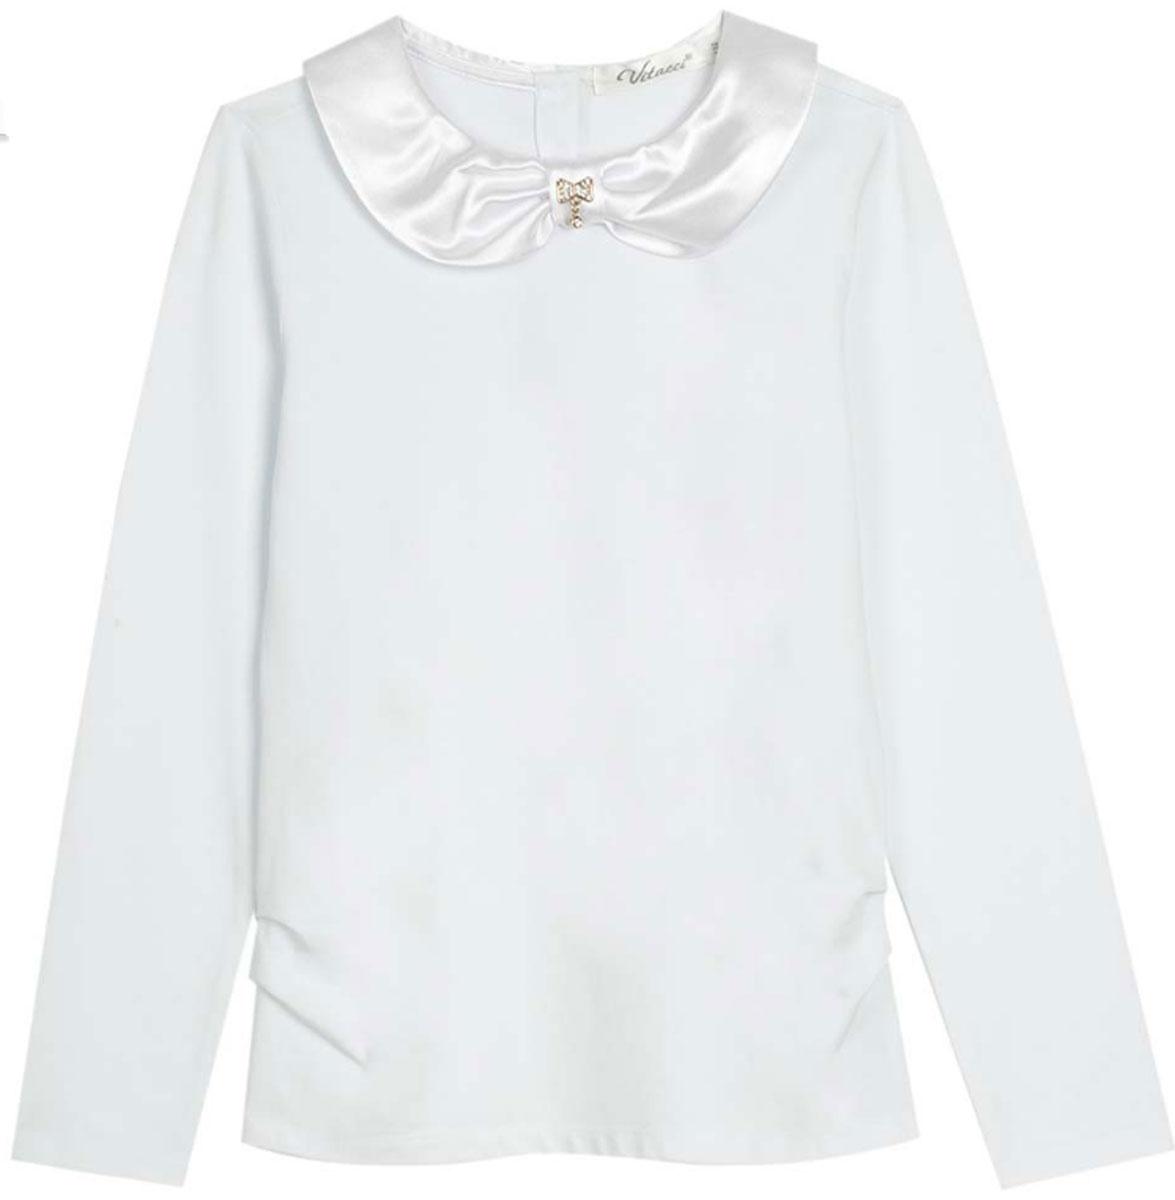 Блузка для девочки Vitacci, цвет: белый. 2173007-01. Размер 1222173007-01Школьная блузка для девочки от Vitacci выполнена из эластичного хлопкового трикотажа. Модель с длинными рукавами и отложным атласным воротничком на спинке застегивается на пуговицы.